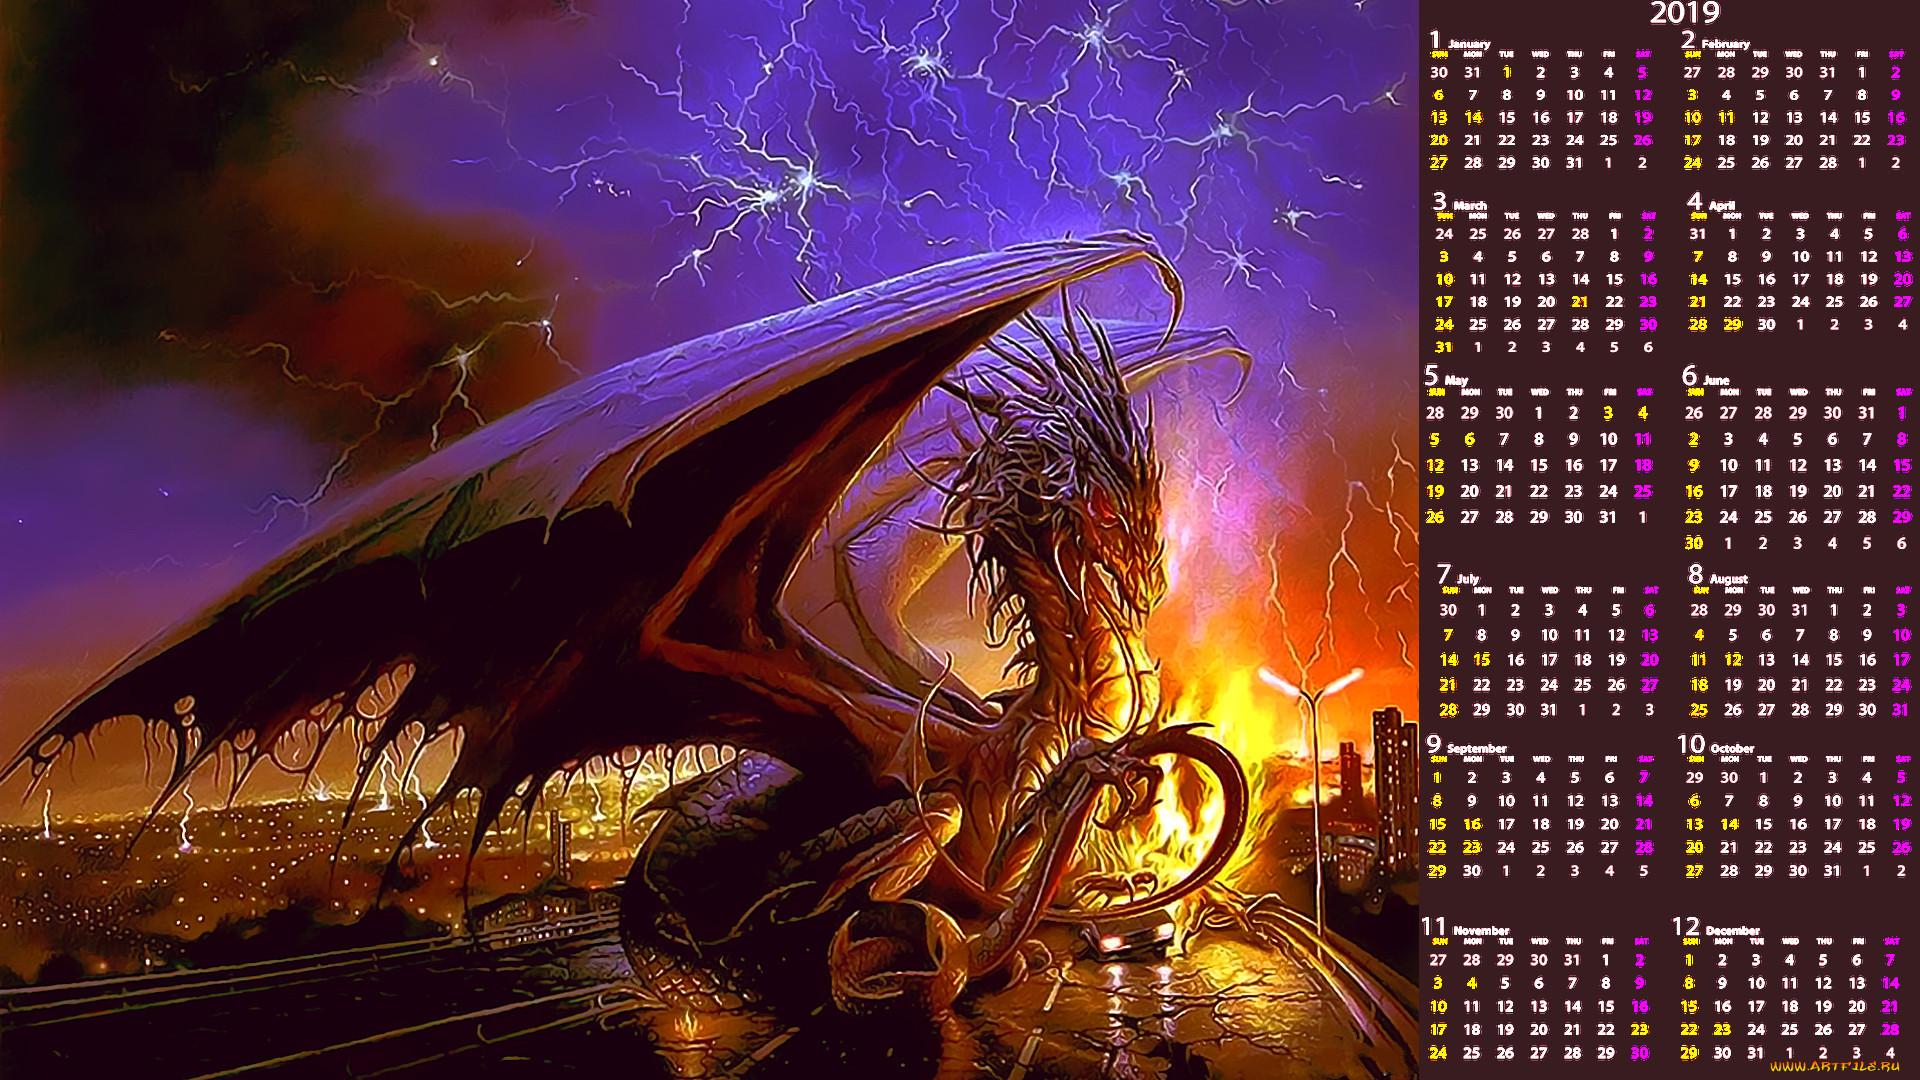 Драконы в картинках для календарей